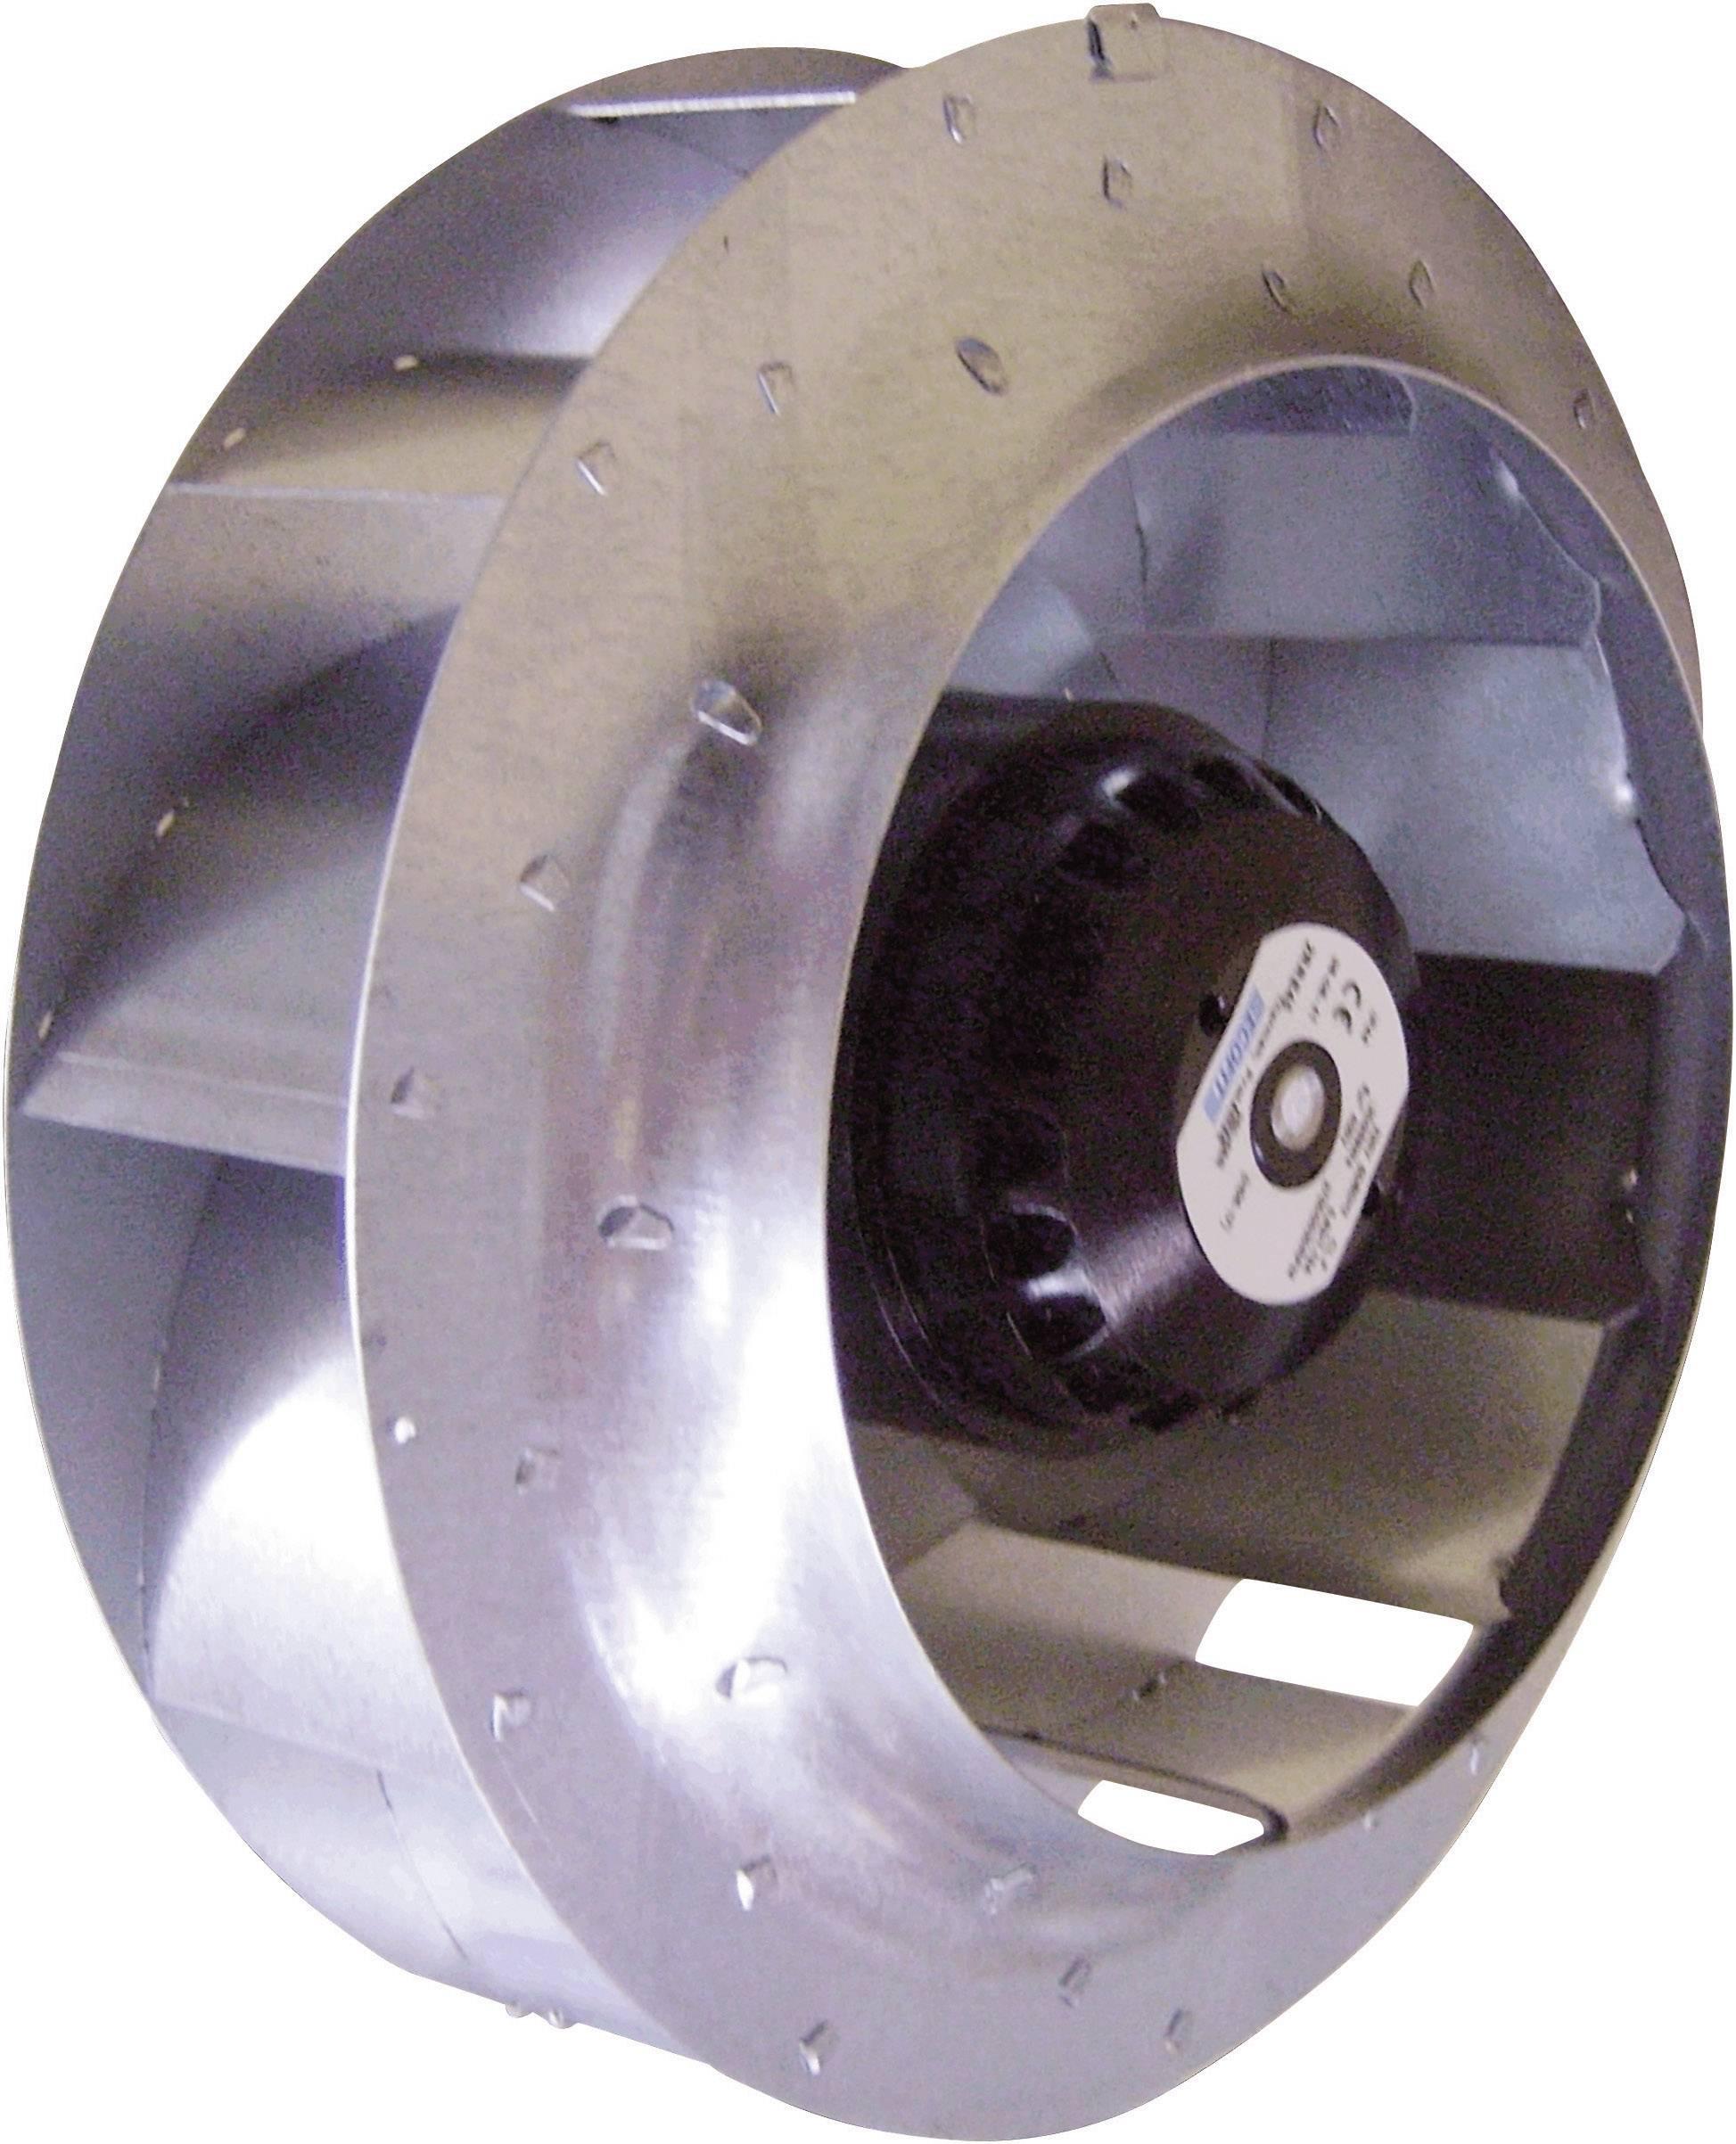 Axiálny ventilátor Ecofit 2RRE25 220X45R - D05-A5, 230 V/AC, 63 dB (A), (Ø x v) 220 mm x 71 mm